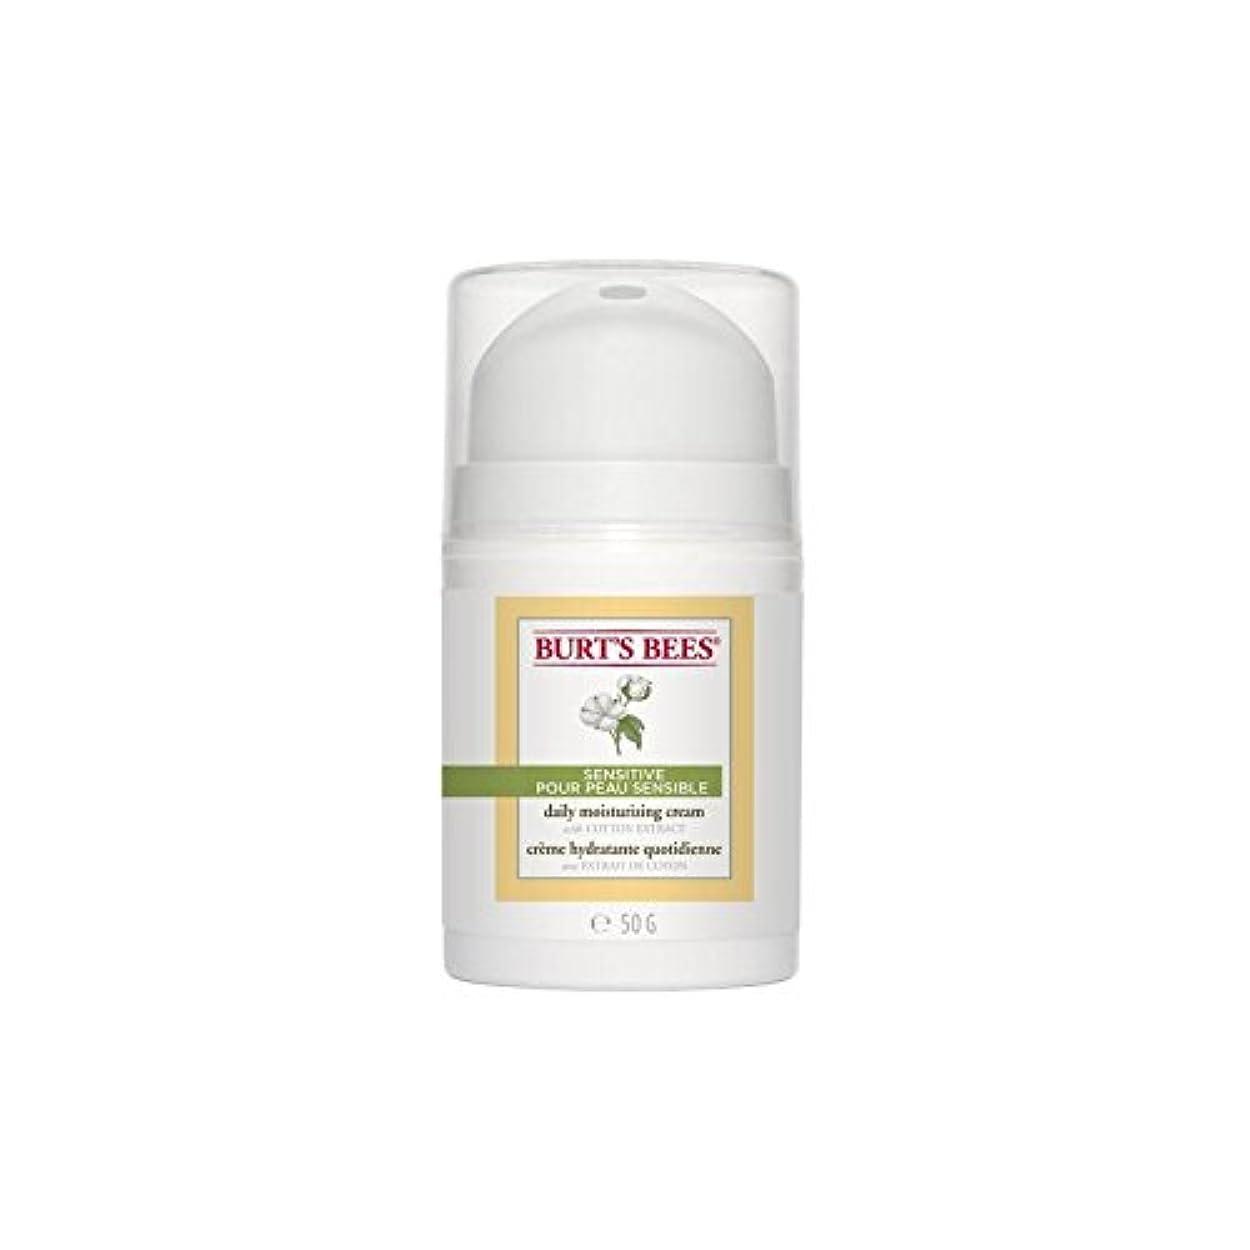 おじさん報いるドローBurt's Bees Sensitive Daily Moisturising Cream 50G - バーツビー敏感毎日保湿クリーム50グラム [並行輸入品]